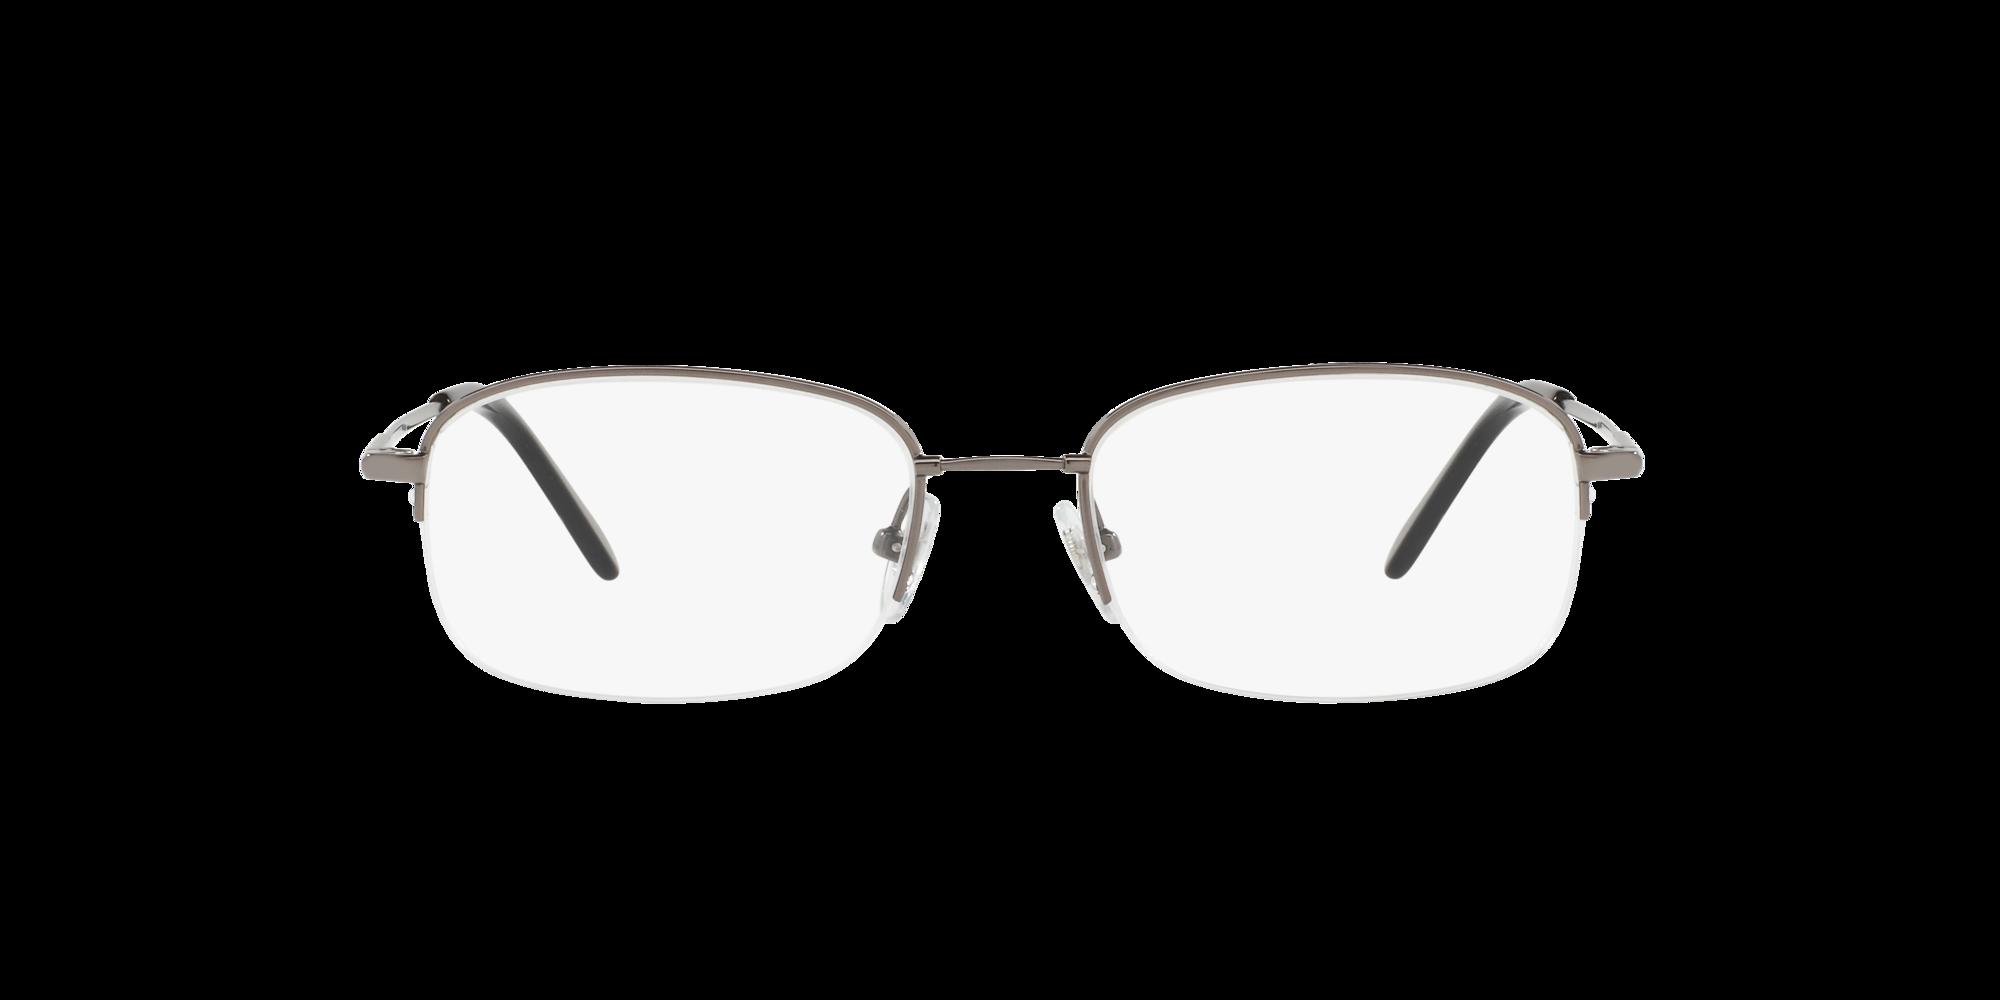 Imagen para SF9001 de LensCrafters |  Espejuelos, espejuelos graduados en línea, gafas